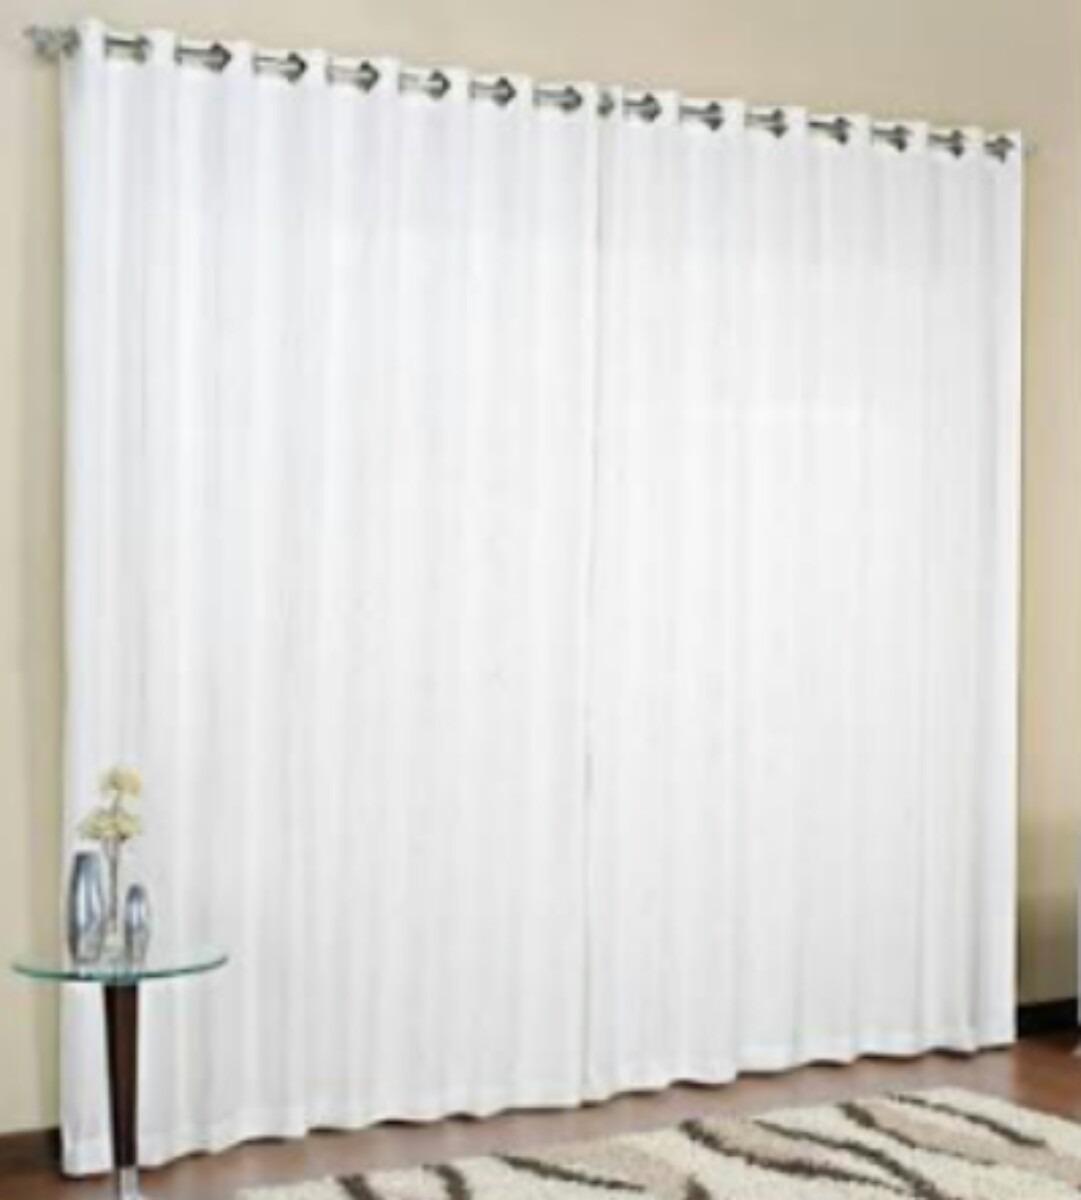 Cortina de var o sala branca tamanho 3 00 x 2 50 mais - Cortinas por metros ...